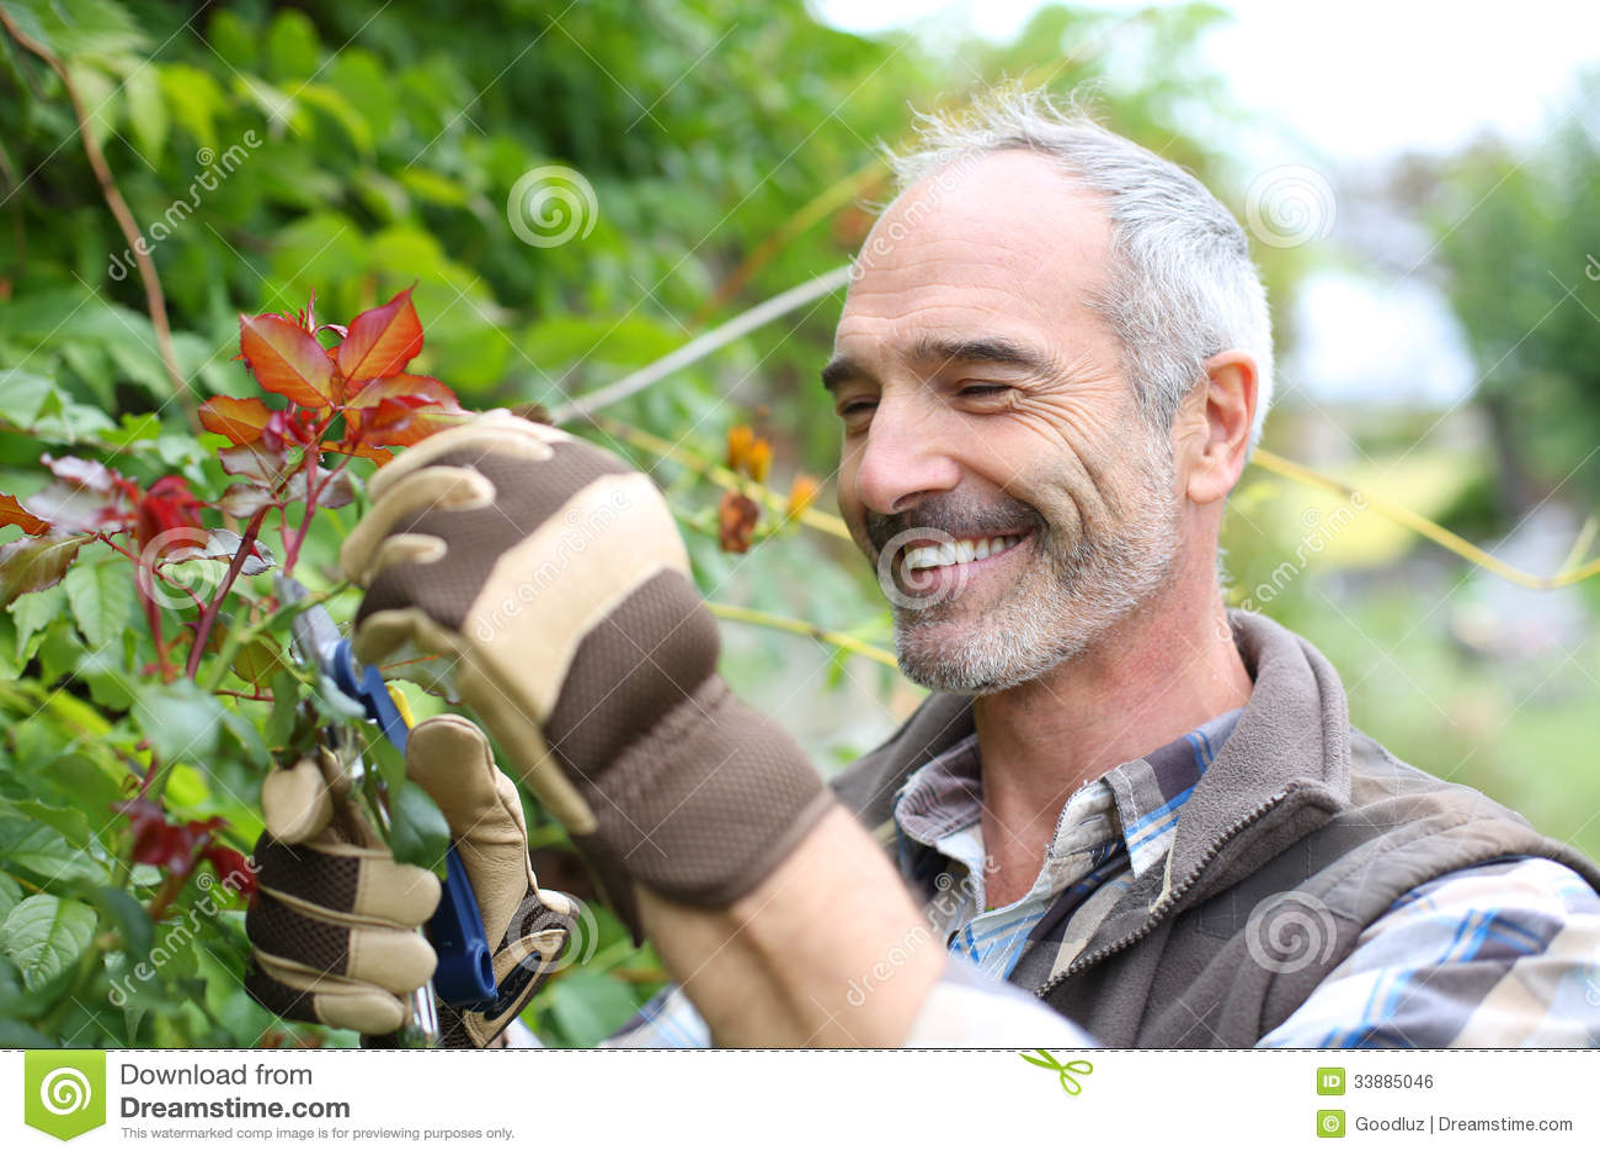 Ώριμο άτομο στον κήπο με τα γάντια και τις ψαλίδες